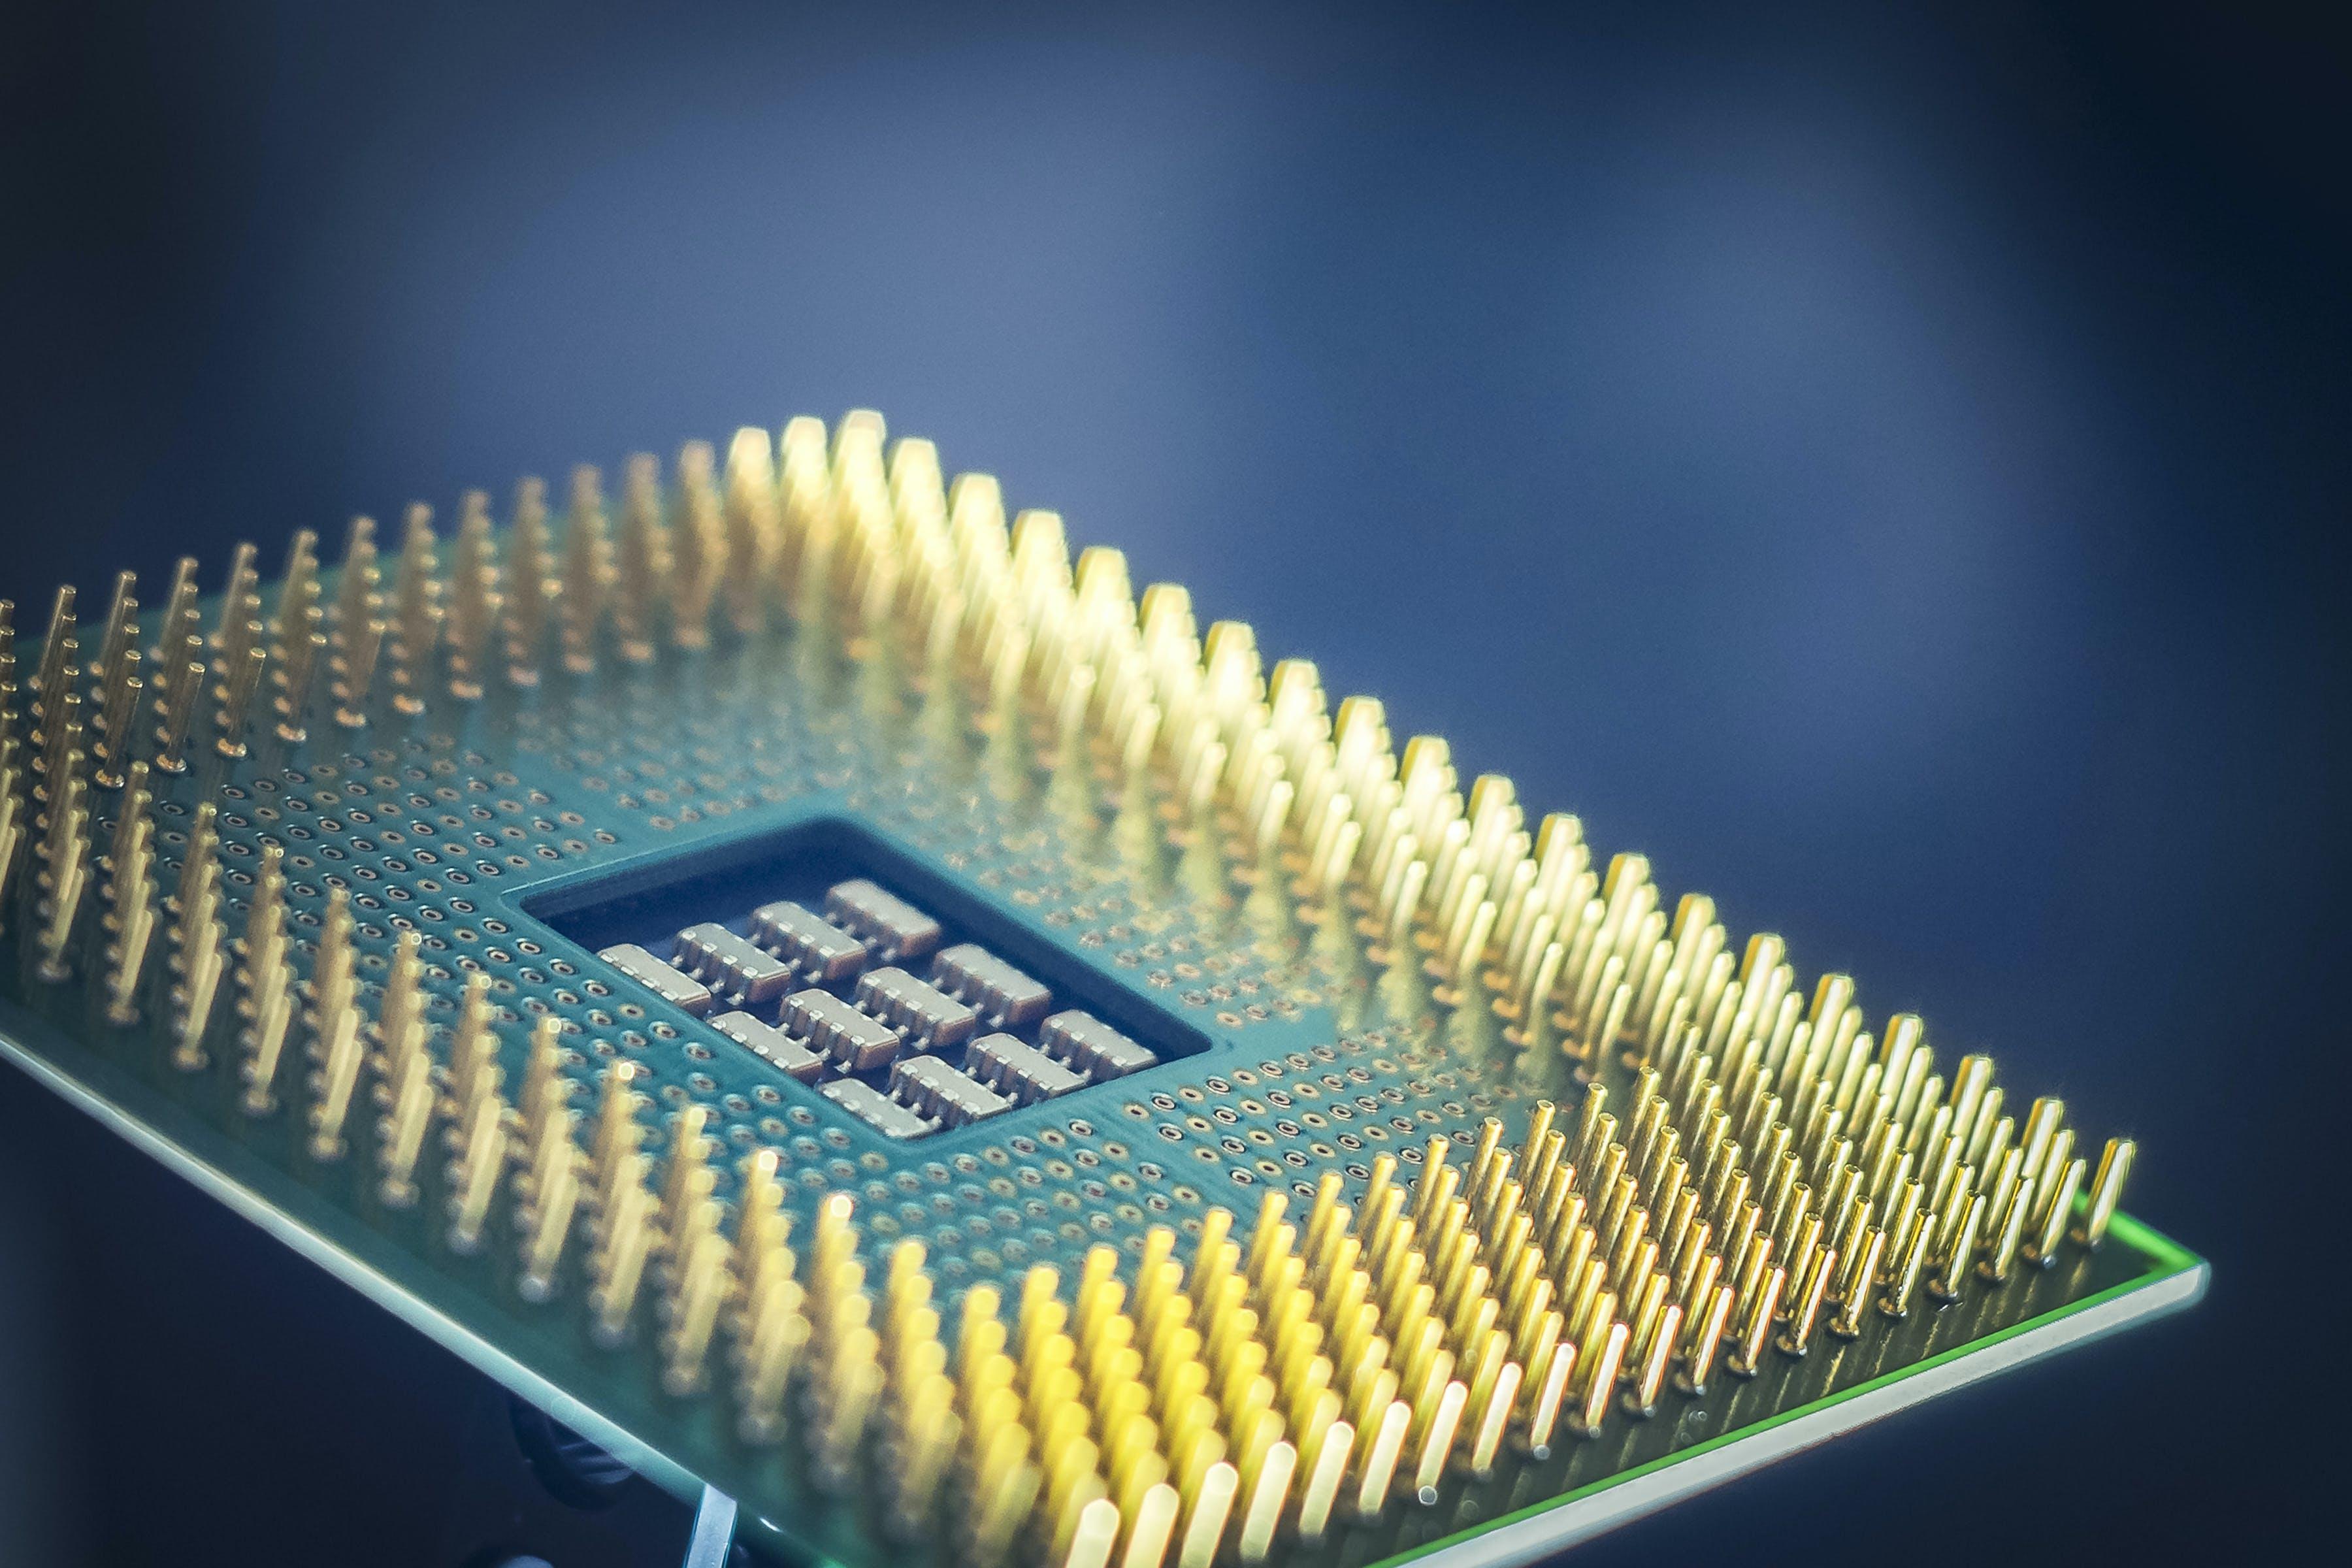 Kostenloses Stock Foto zu chipsatz, computer, cyber, hardware